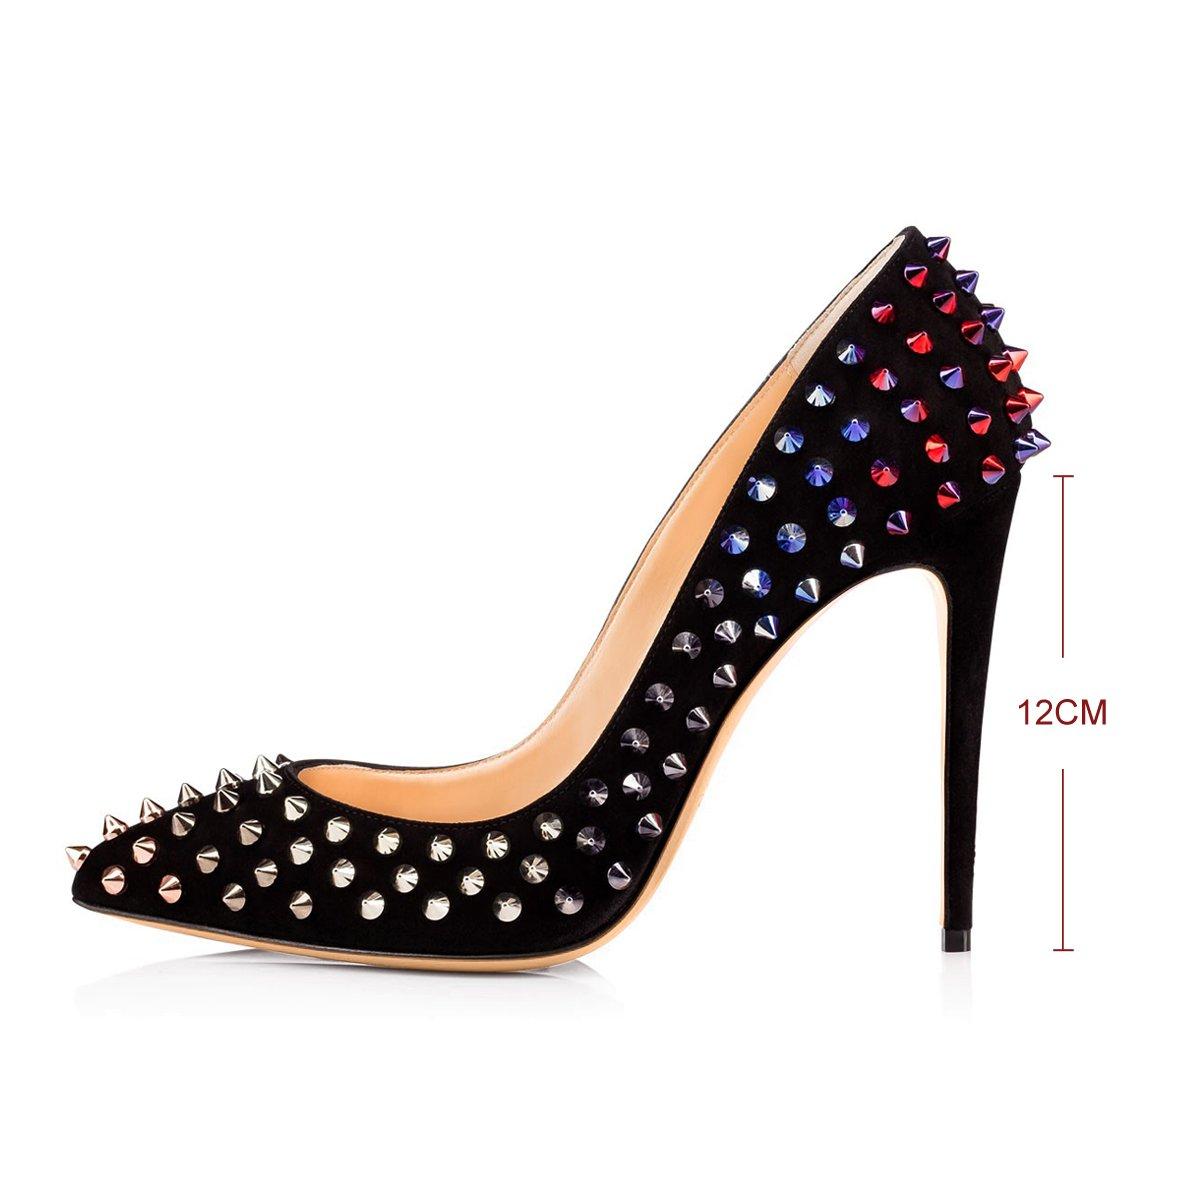 Onlymaker Damenschuhe High Heels Geschlossene Toe mit Nietendecortation Nietendecortation mit Pumps Rot und Schwarz 17bc73